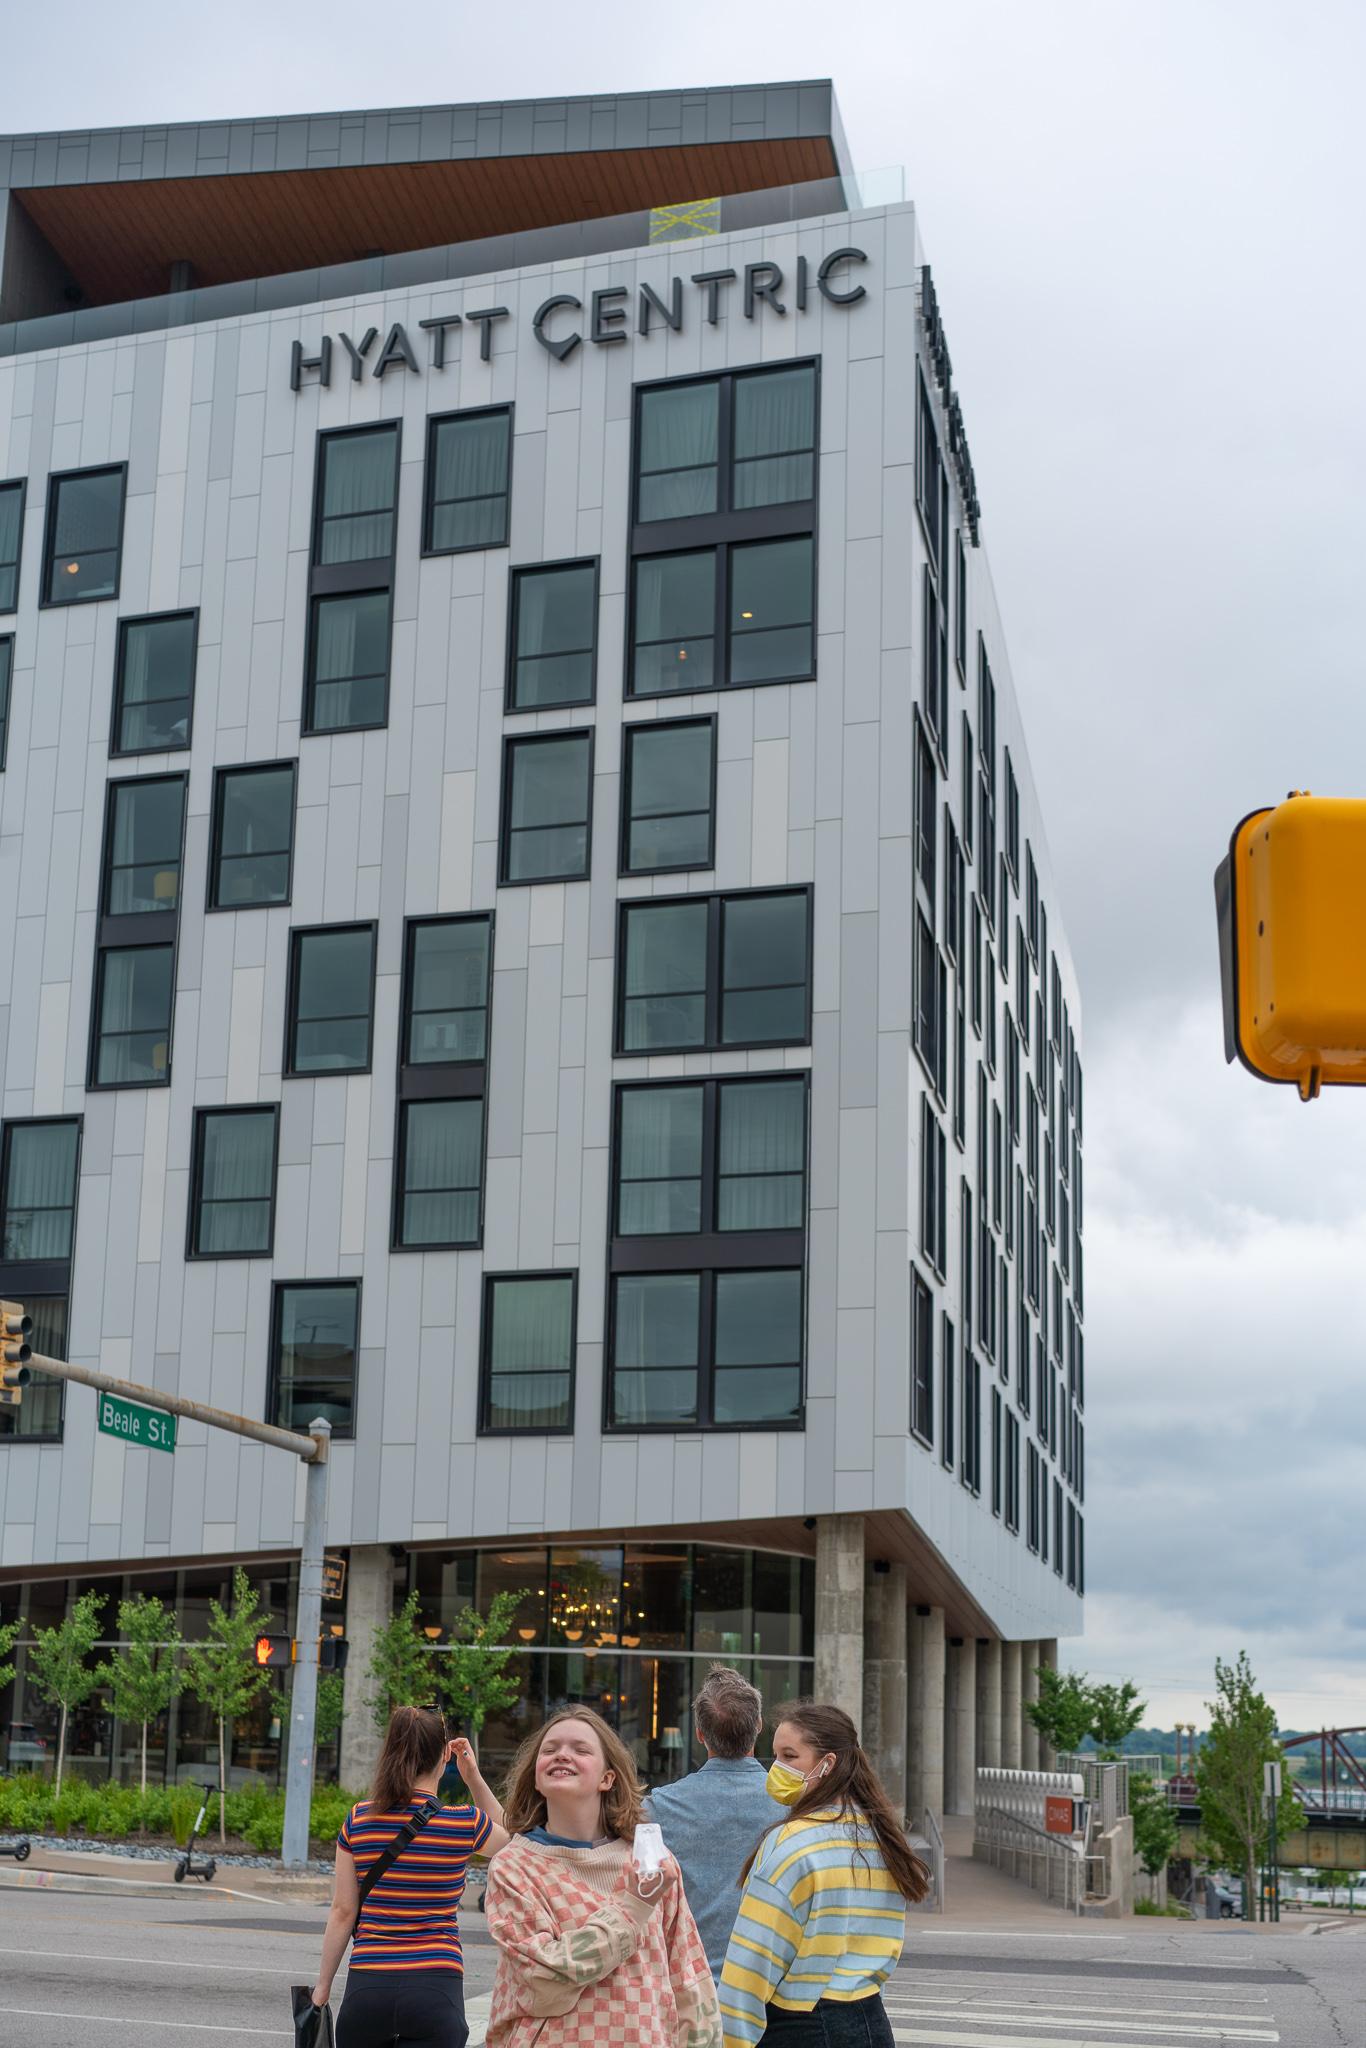 Mini review of the Hyatt Centric, Memphis